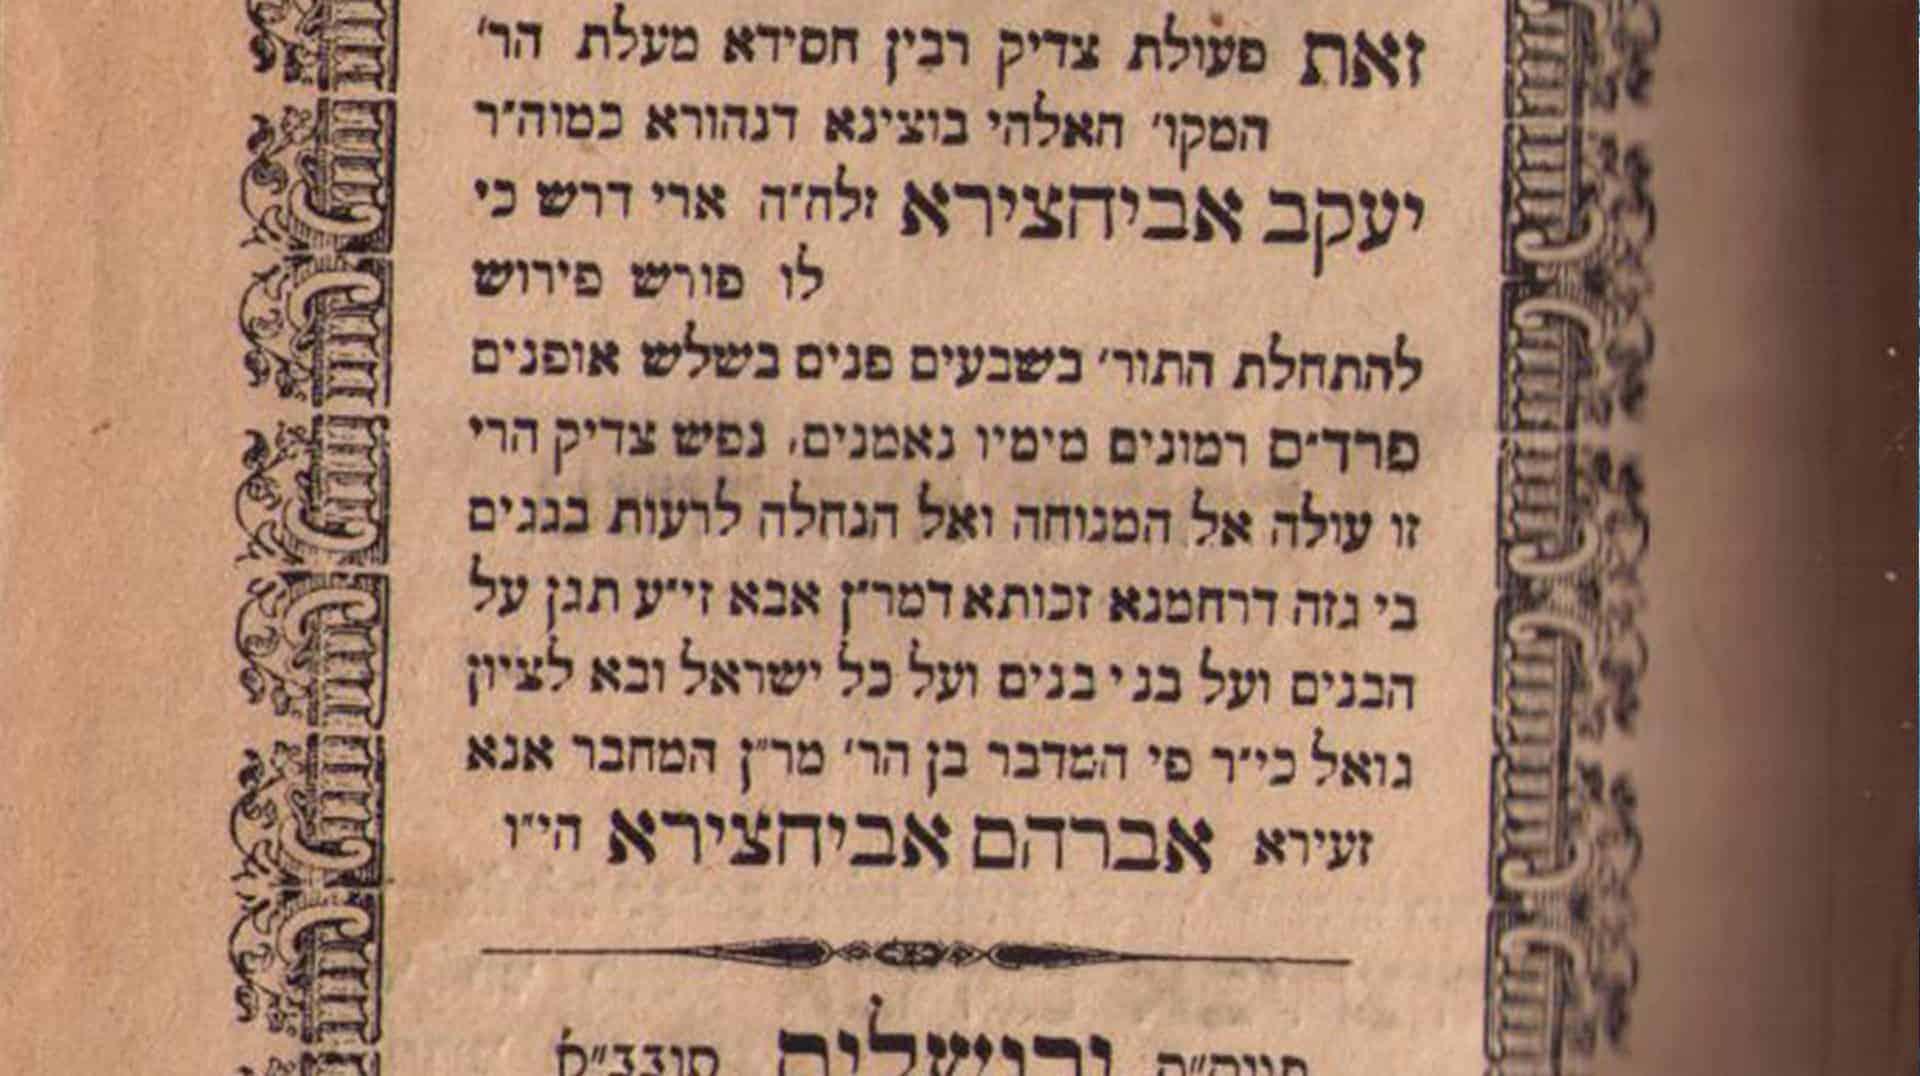 יעקב אבוחצירא זיעא האביר יעקב מי הוא היה סיפורי צדיקים